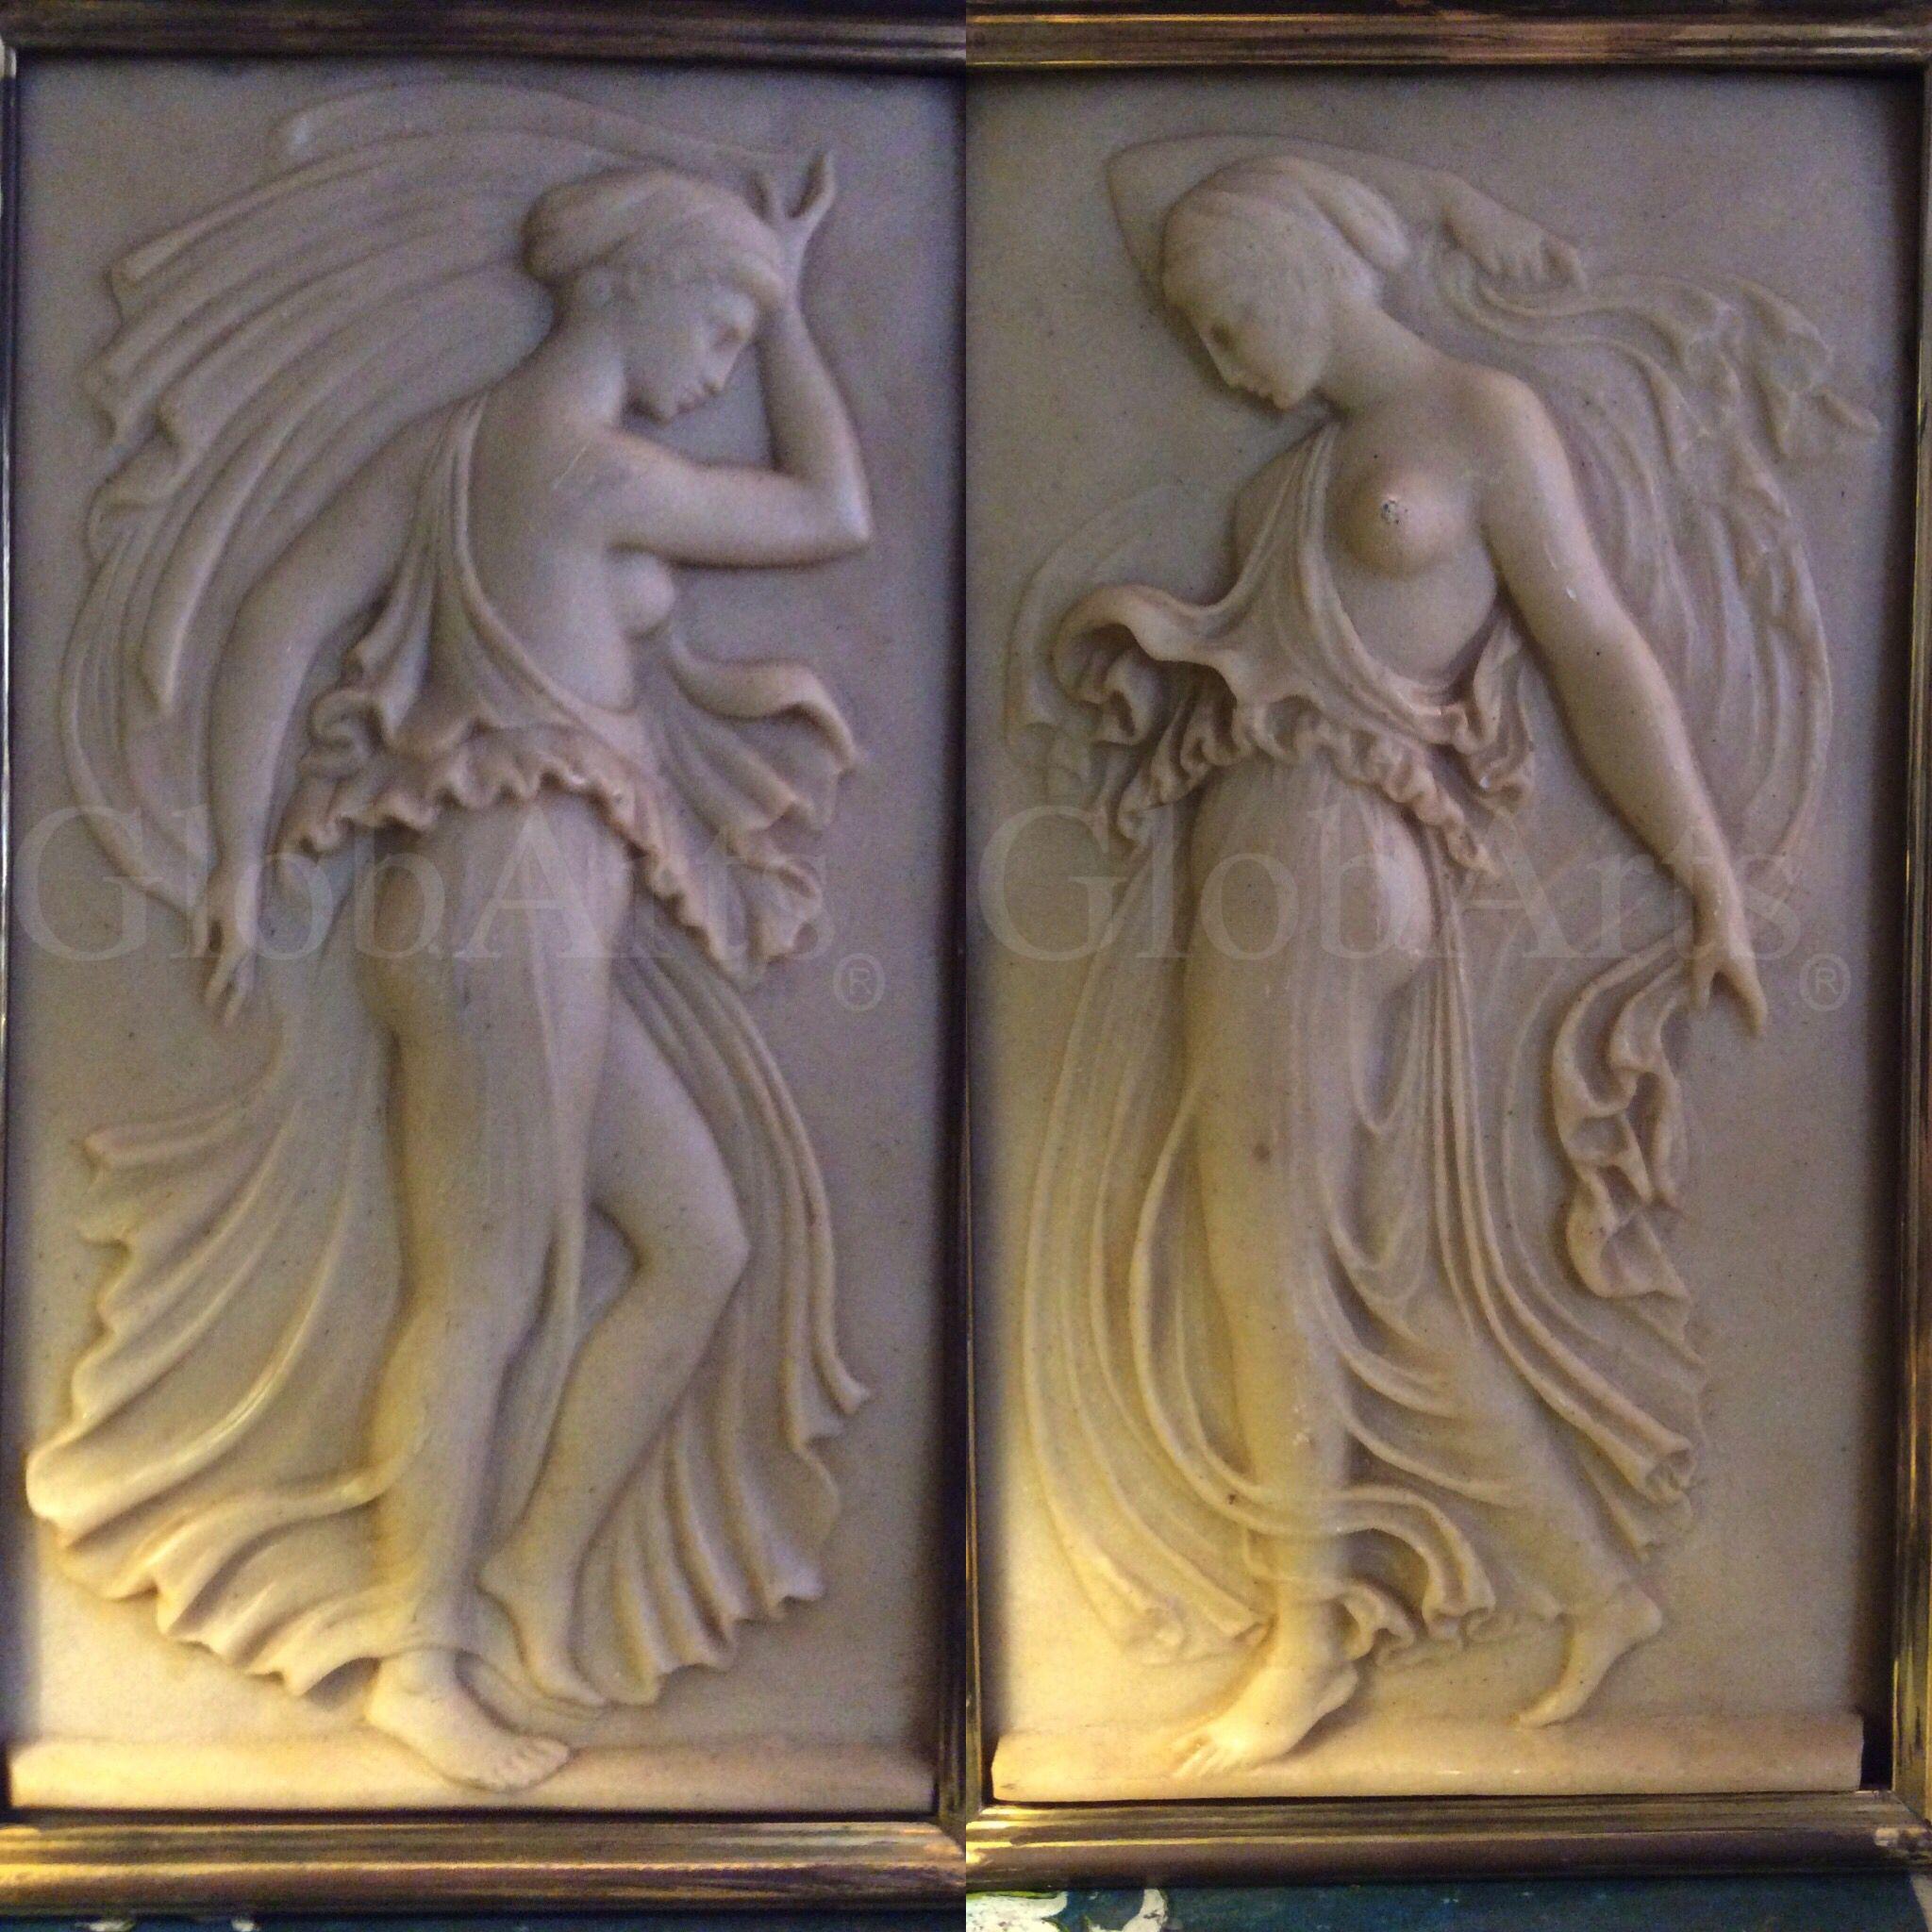 PAREJA DE PANELES DE MARMOLINA REPRESENTANDO DOS NINFAS Ns-00197 y 00198-Catálogo #GlobArts Pareja de paneles de marmolina representando dos ninfas. Siglo XX. Medidas: 44 cm. de alto x 25 cm. de ancho Precio: 500€ / 600€ (IVA incluido) la pareja http://globarts.com/tienda/escultura/pareja-de-paneles-de-marmolina-representando-dos-ninfas-siglo-xx-2/